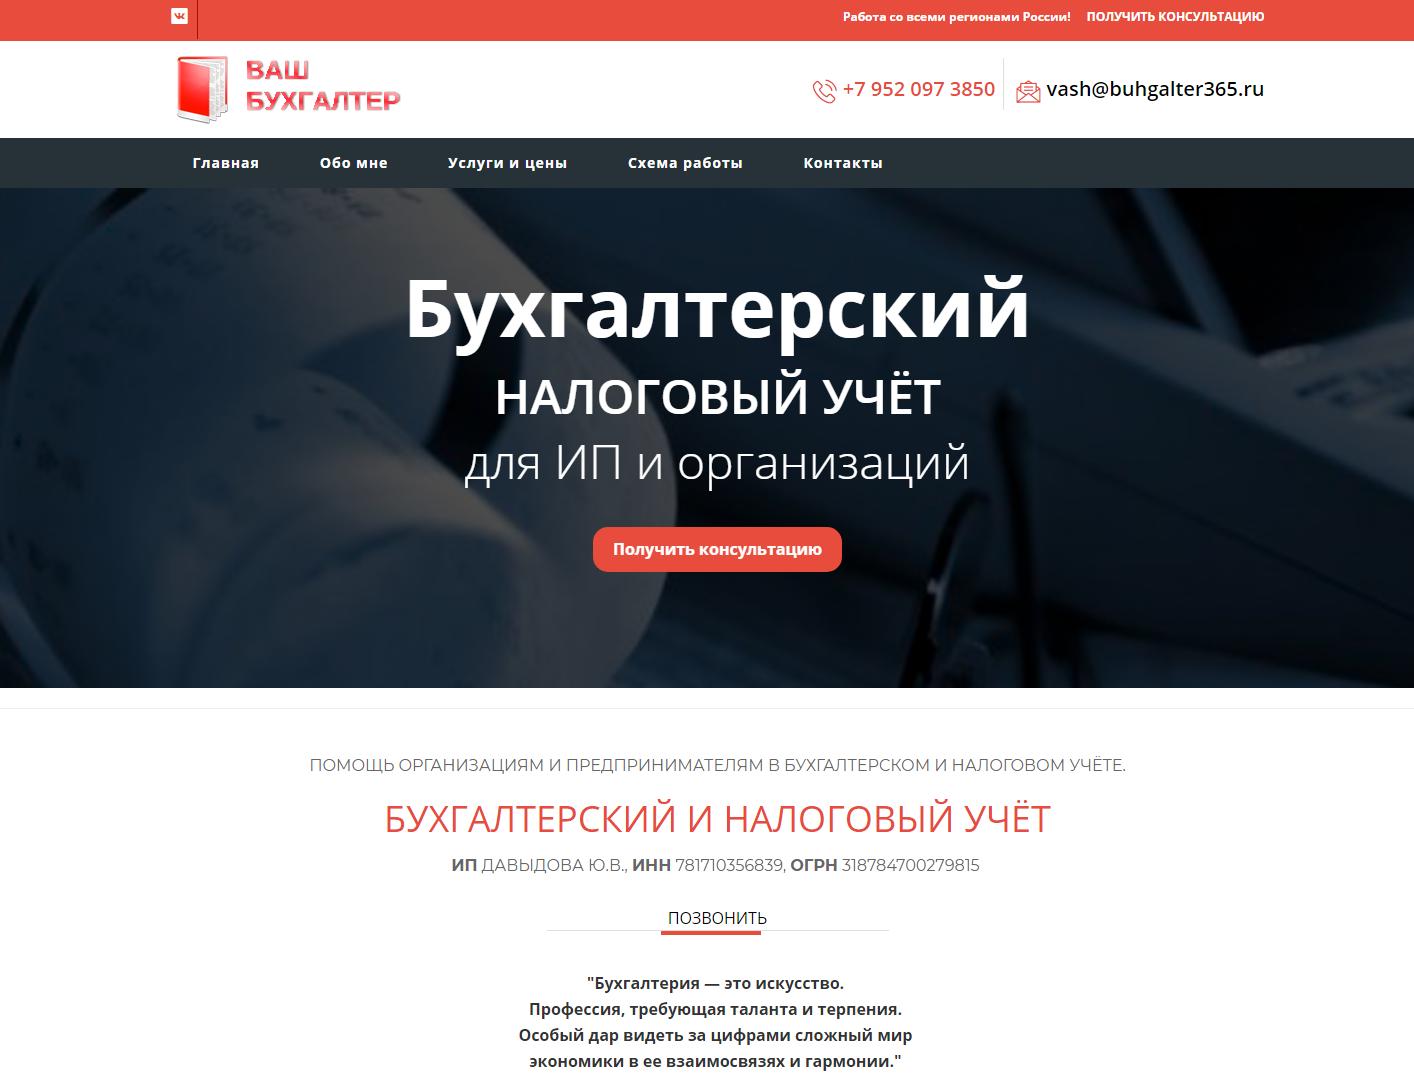 buhgalter365-ru